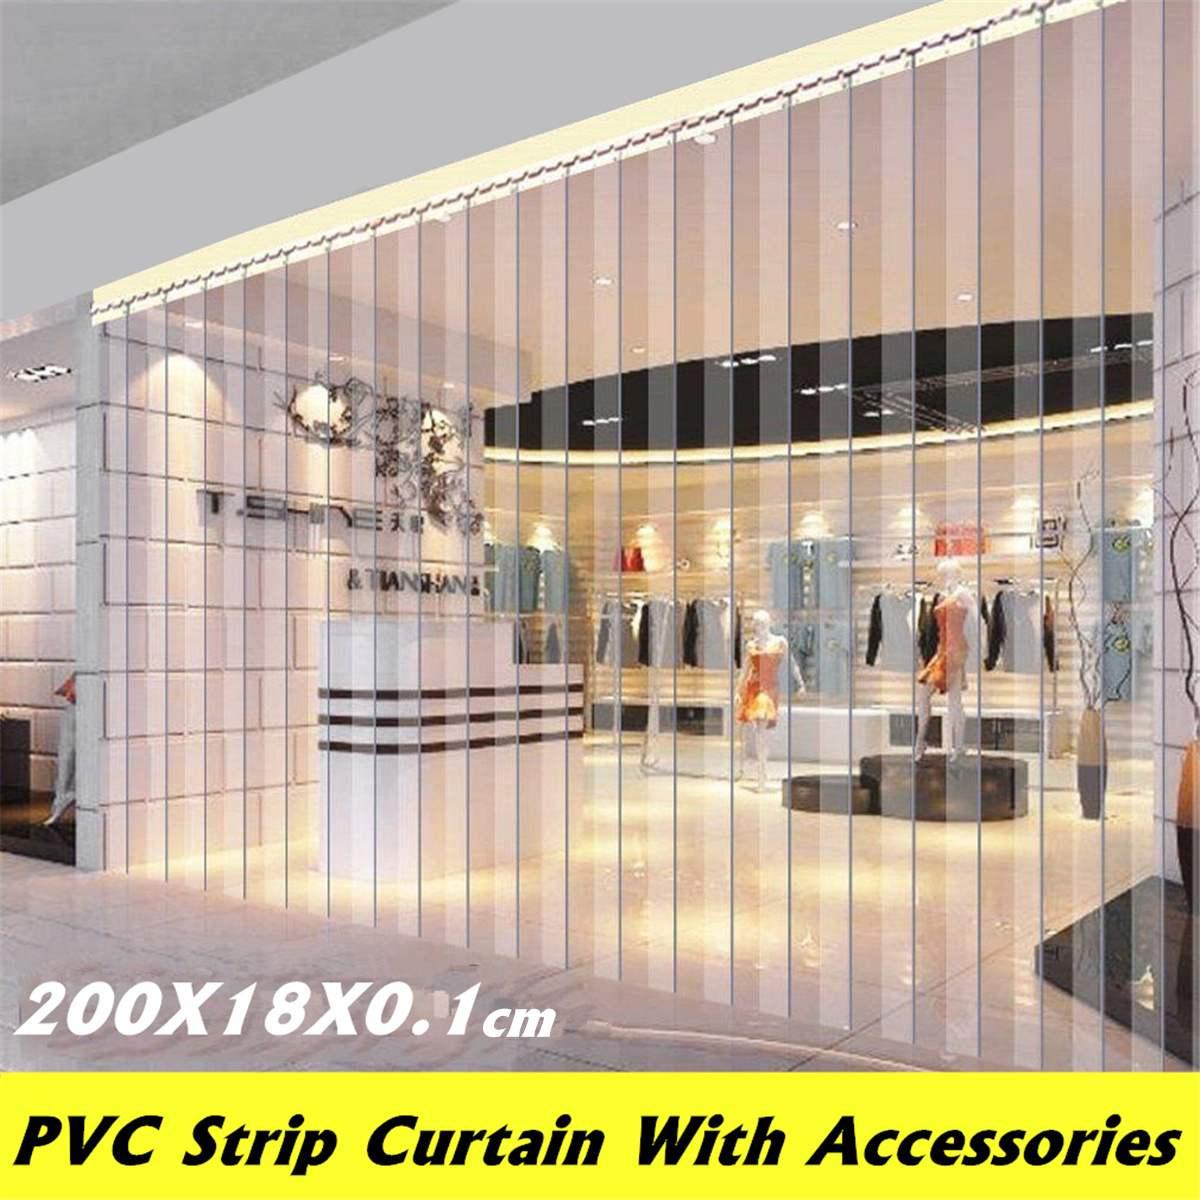 Transparente 2m tira pvc cortina freezer sala tira porta cortinas à prova de vento resistência ao calor frio pendurado ferroviário kit